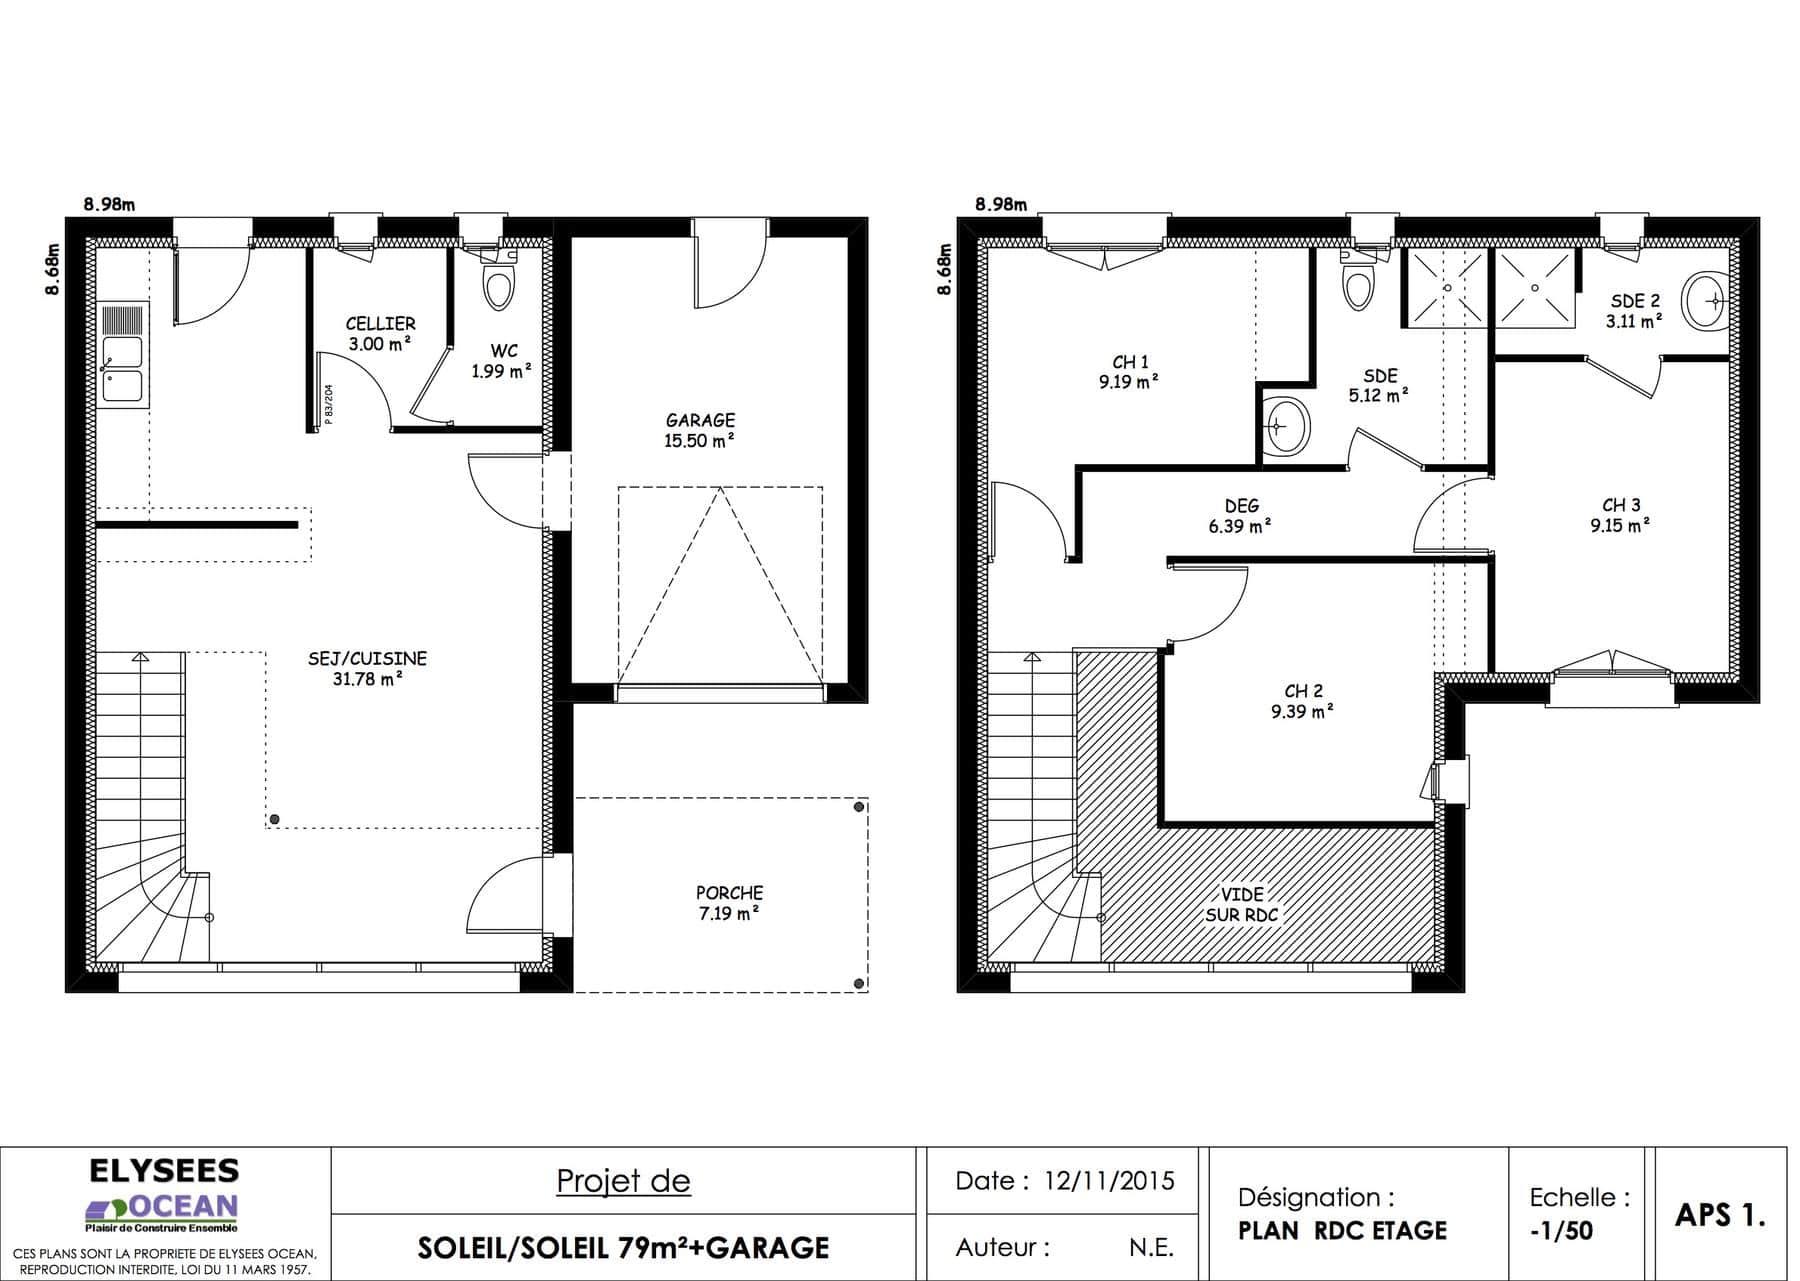 SOLIUM 79 m² + GARAGE_101